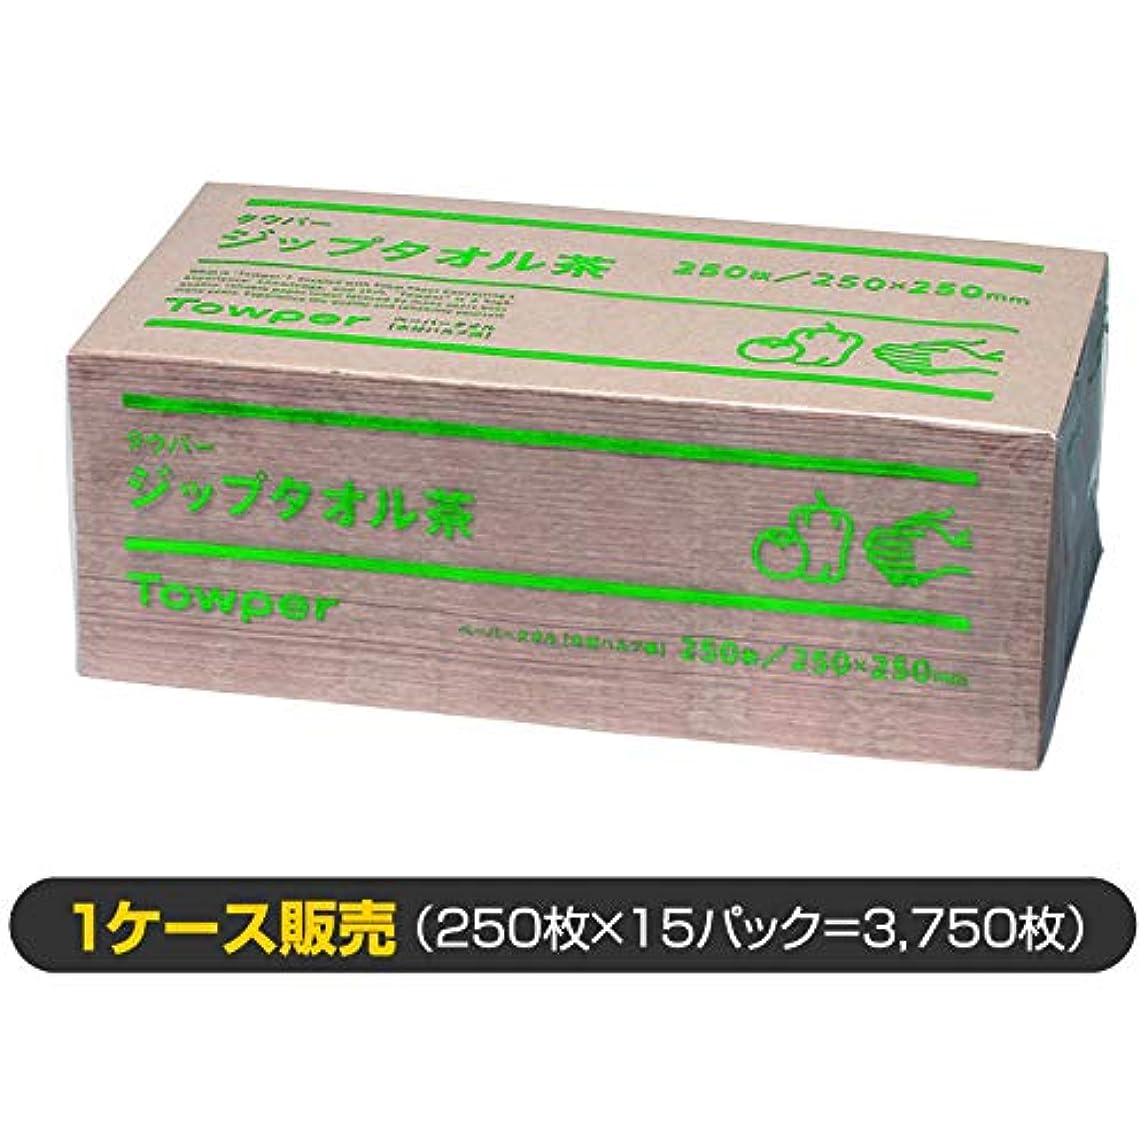 塩辛い許す区画ペーパータオル ジップタオル(茶) /1ケース販売(清潔キレイ館/大判サイズ用)